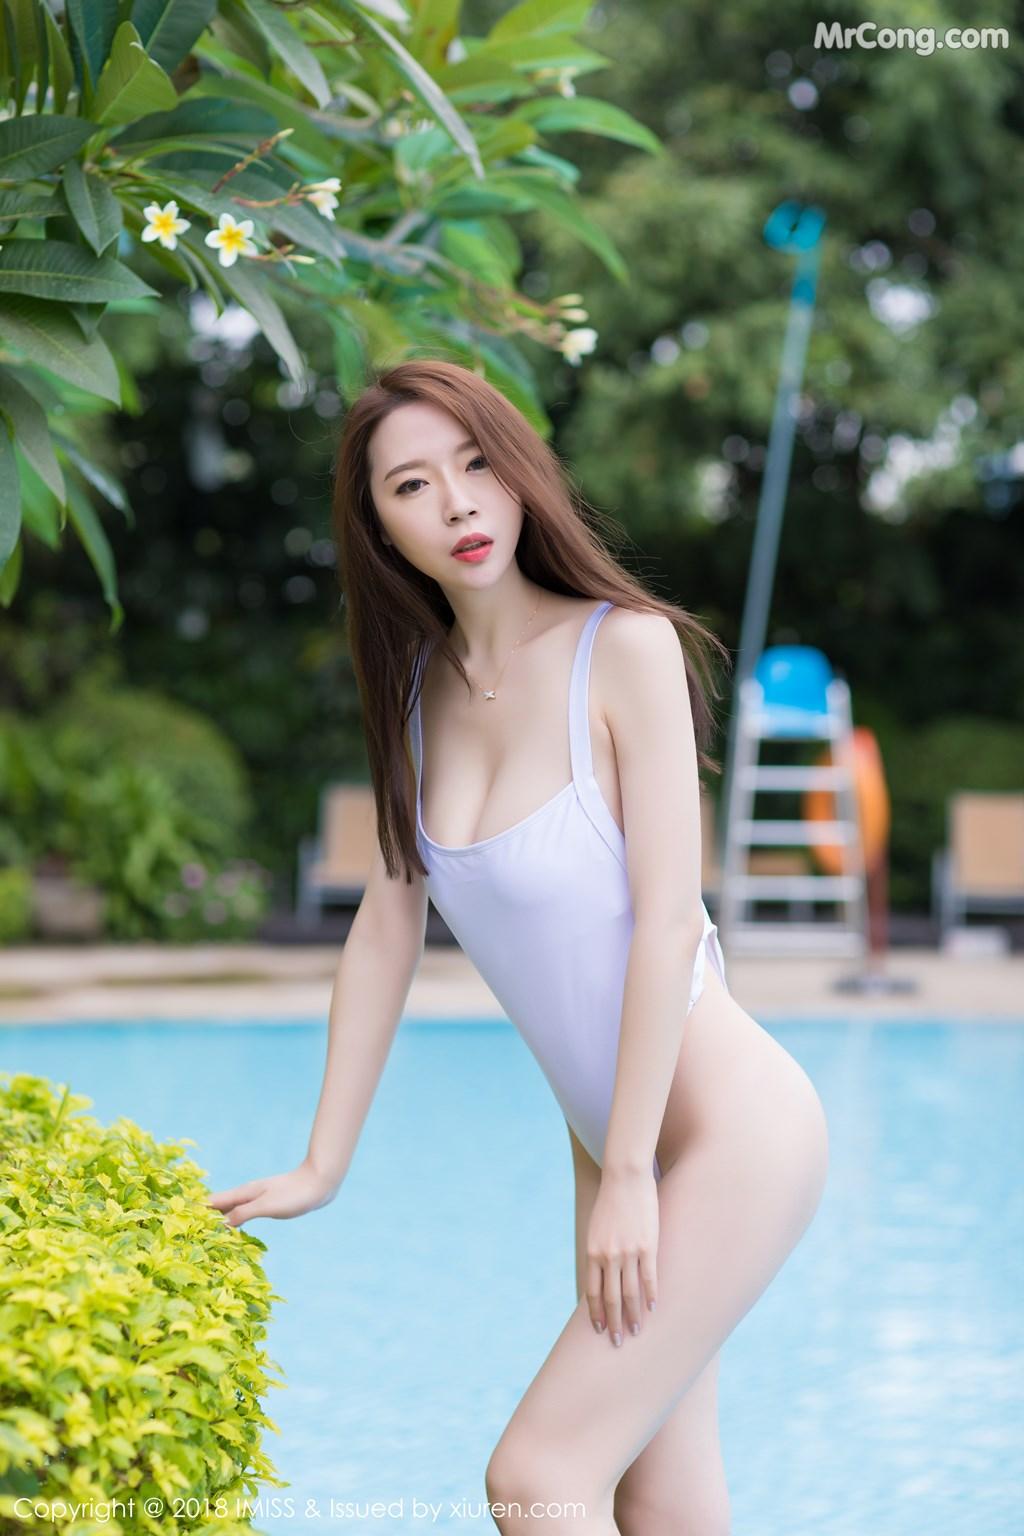 Image IMISS-Vol.226-Meng-Xin-Yue-MrCong.com-007 in post IMISS Vol.226: Người mẫu Meng Xin Yue (梦心月) (40 ảnh)